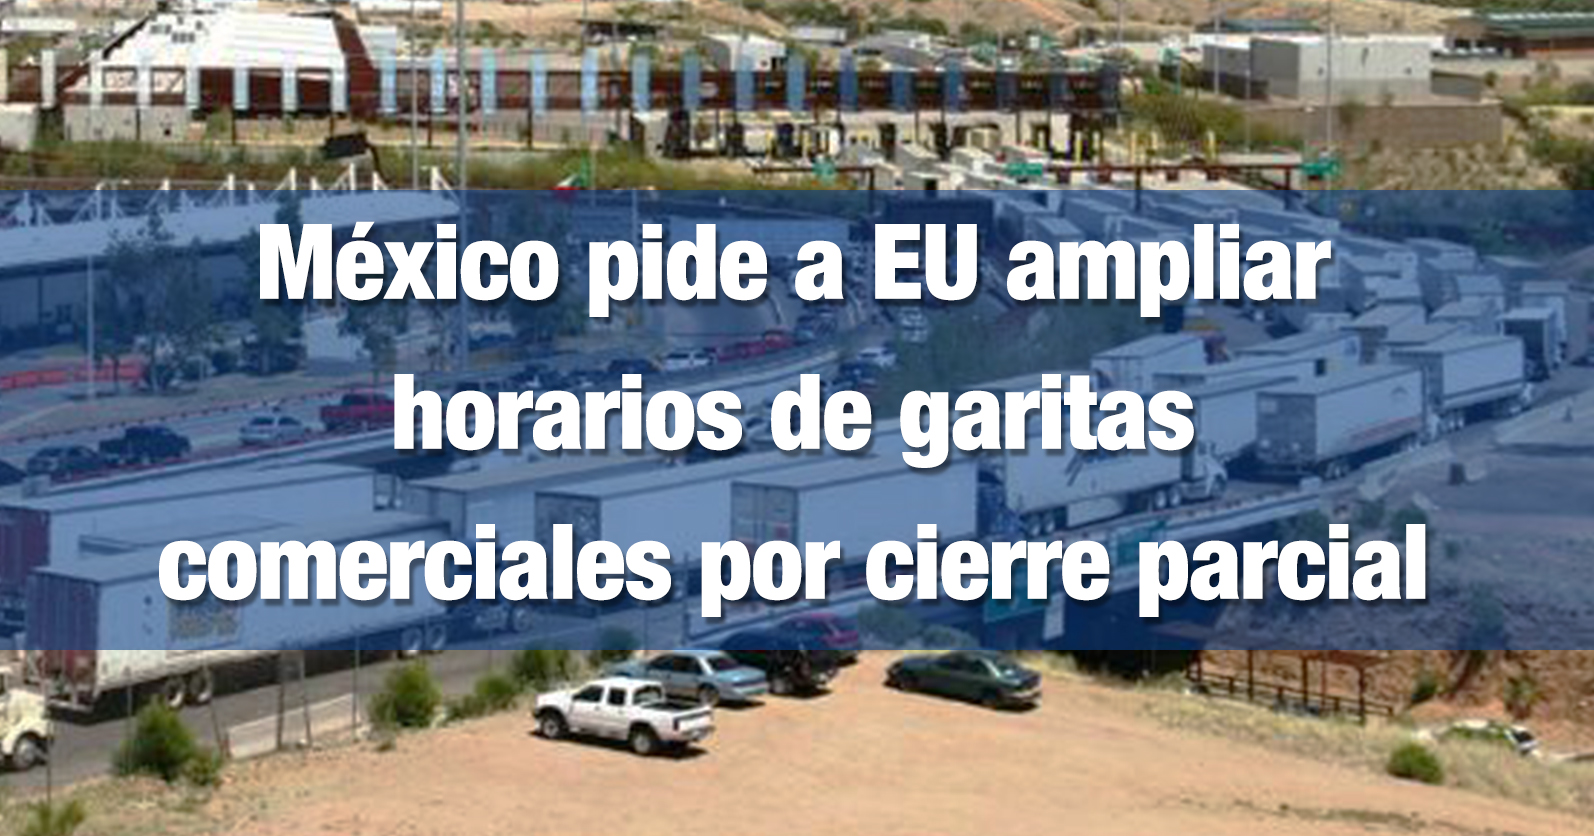 México pide a EU ampliar horarios de garitas comerciales por cierre parcial